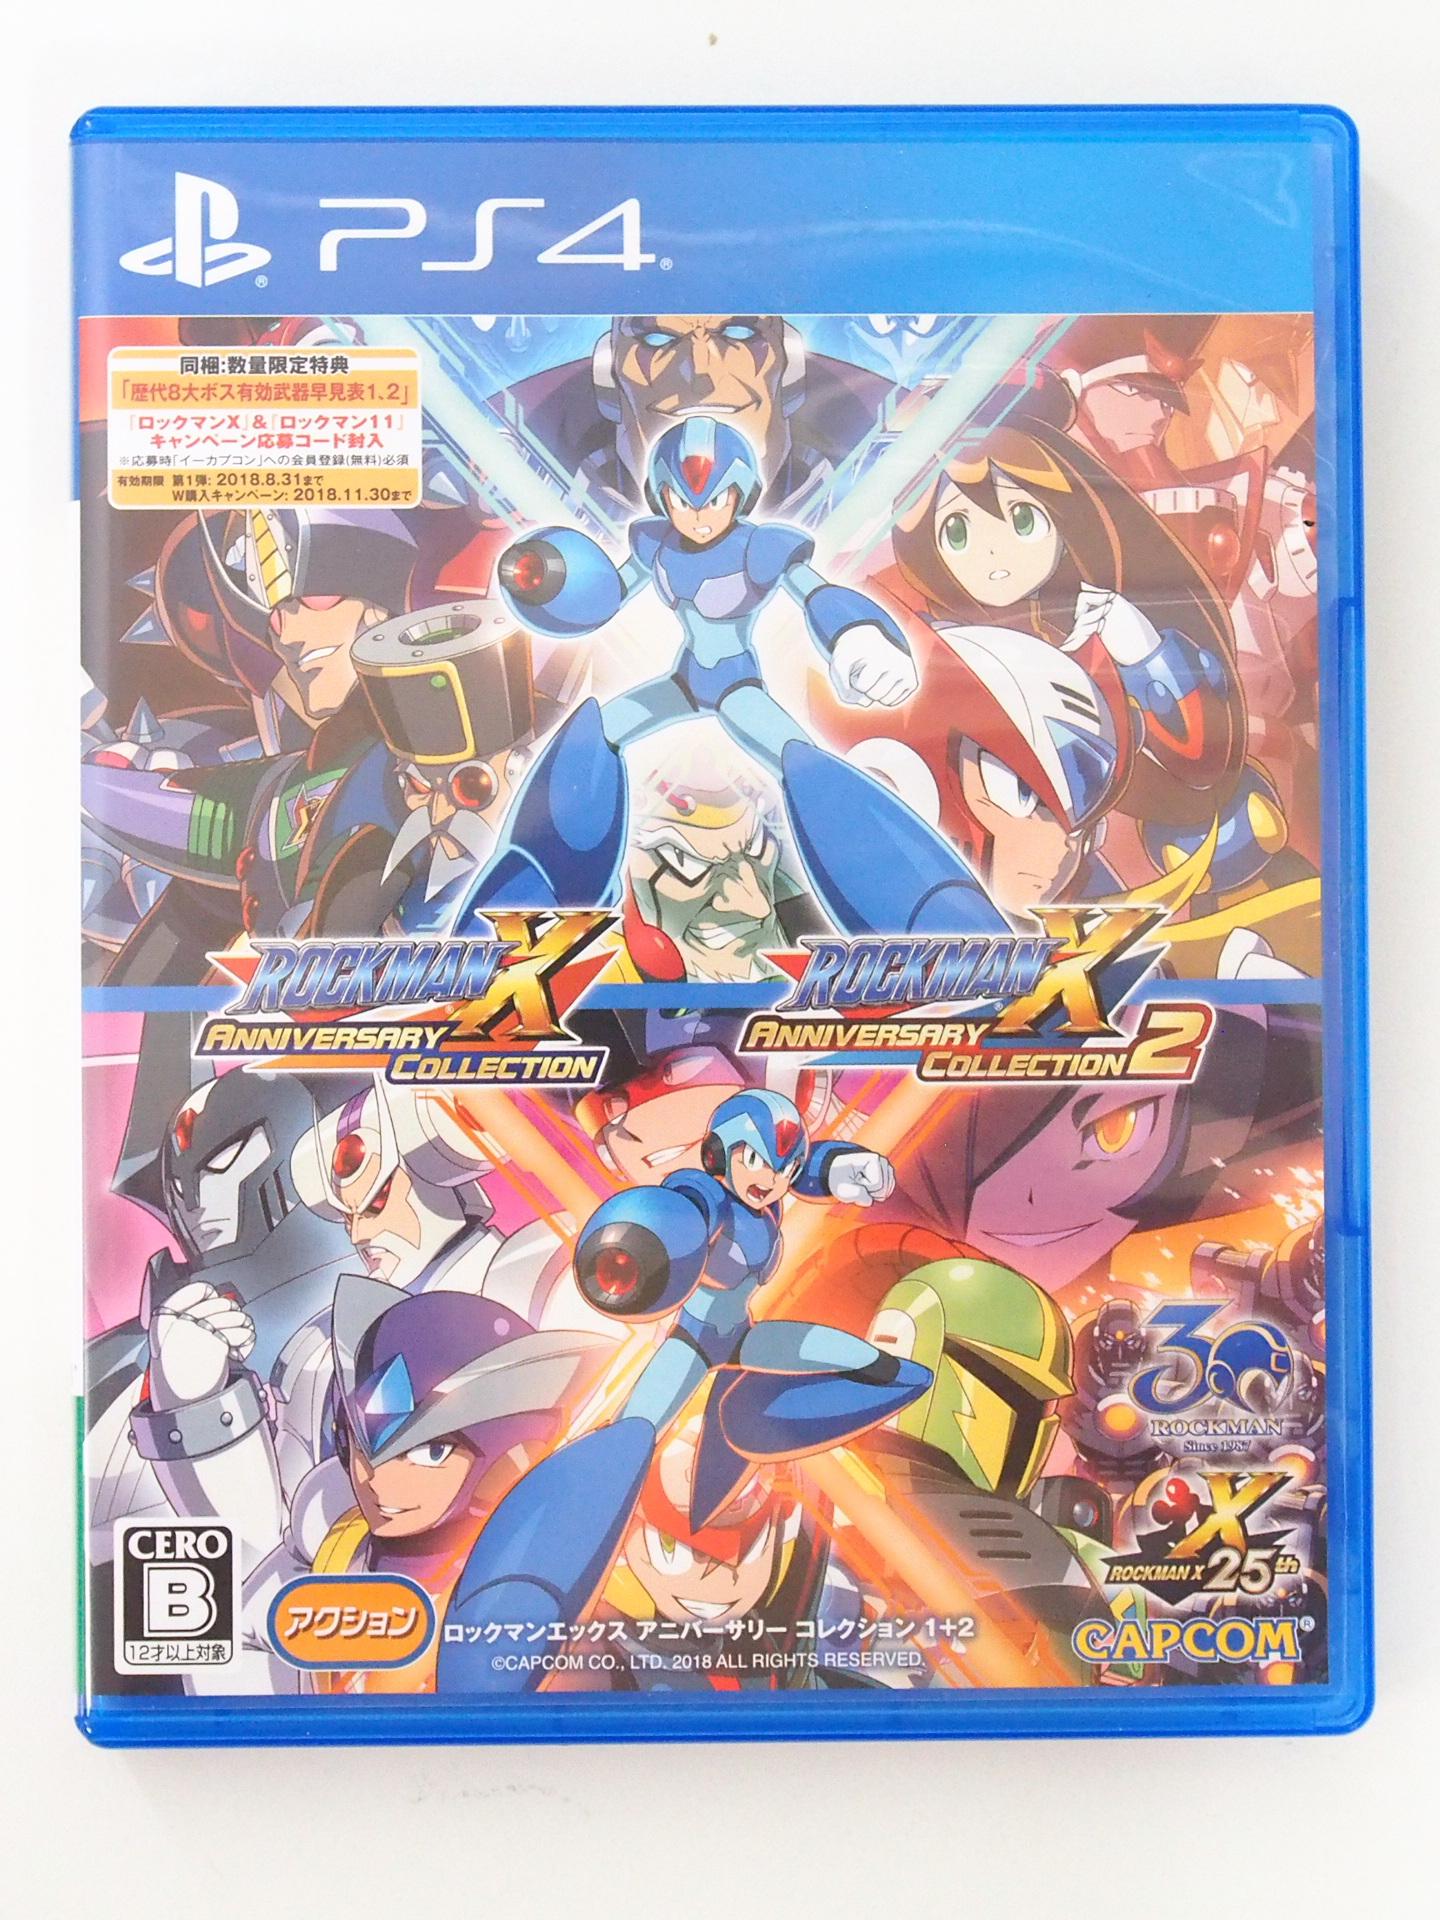 PS4 ロックマンⅩ アニバーサリー コレクション